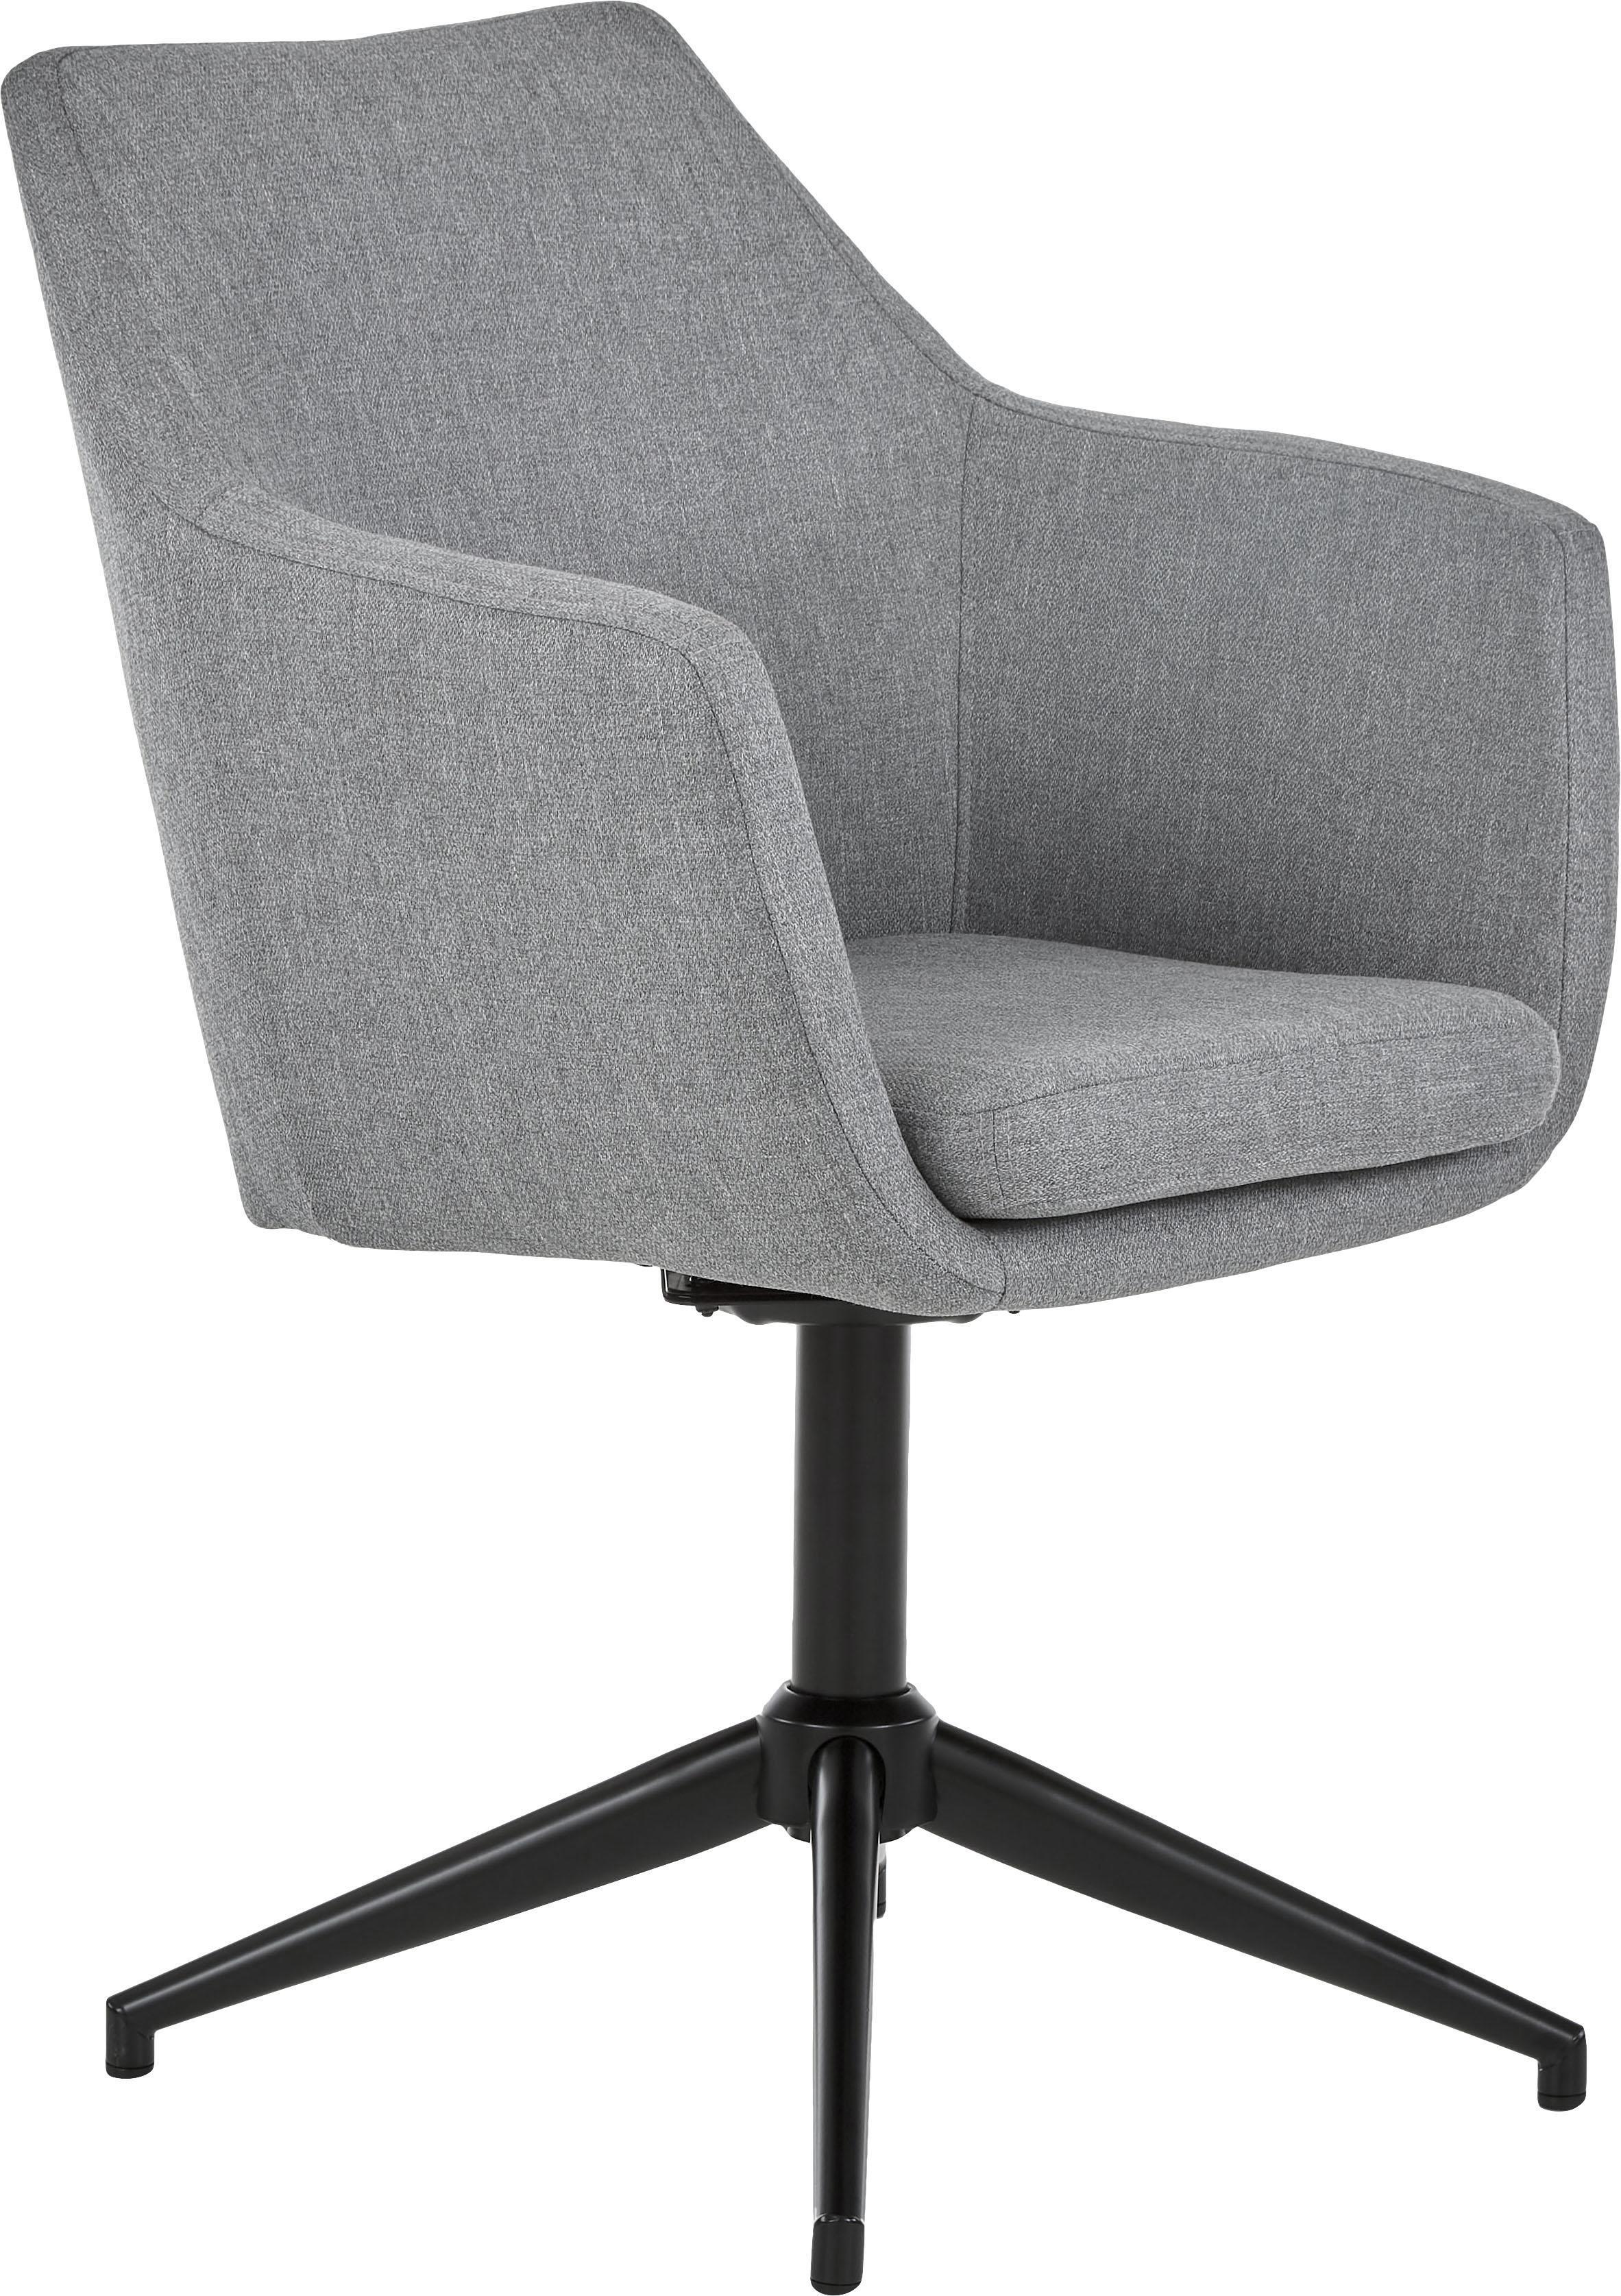 Draaistoel Nora, Bekleding: polyester, Frame: gepoedercoat metaal, Lichtgrijs, zwart, 58 x 57 cm